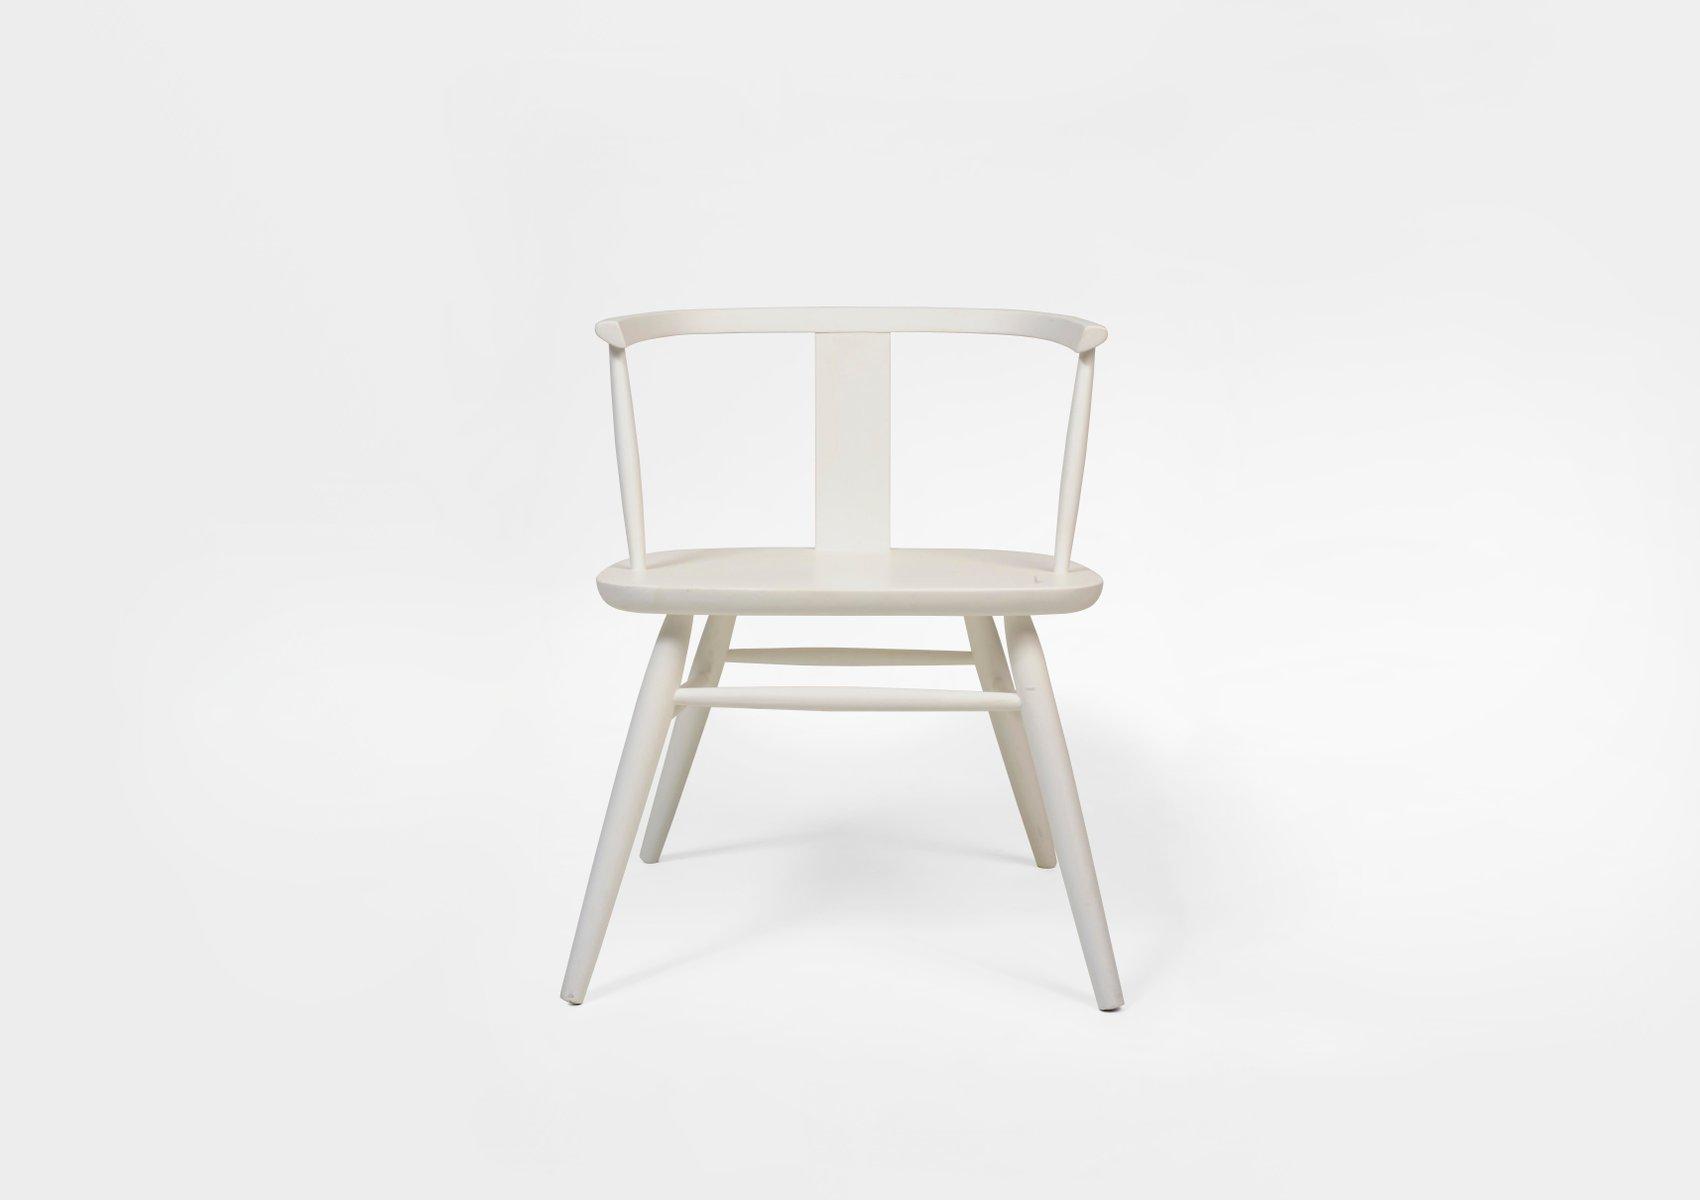 maun windsor stuhl in farbe von patty johnson bei pamono kaufen. Black Bedroom Furniture Sets. Home Design Ideas